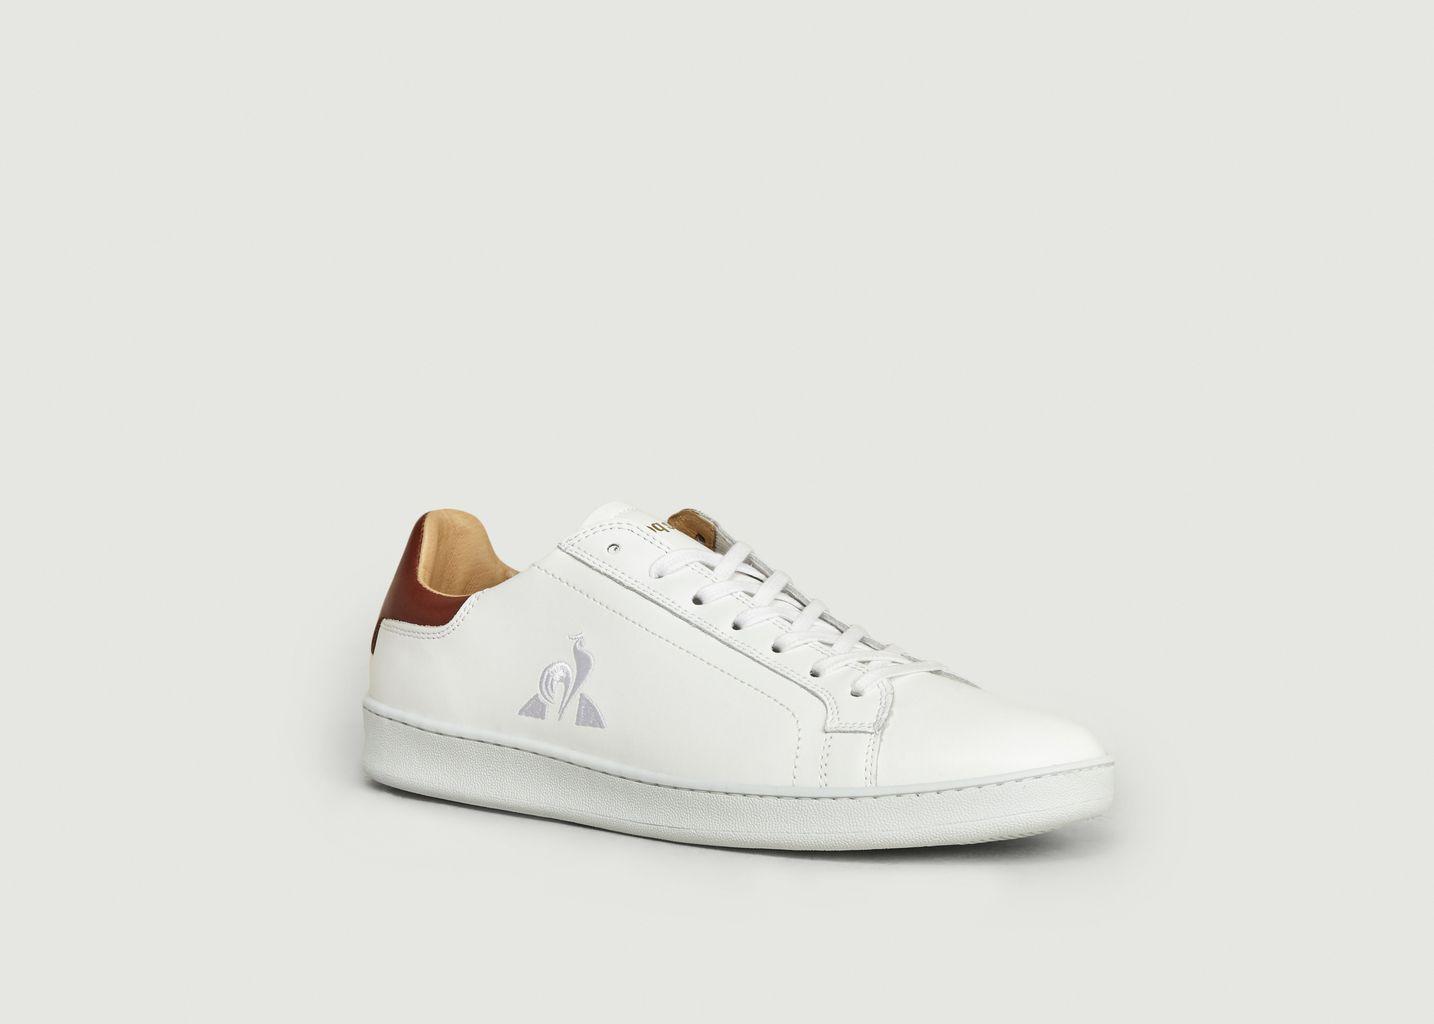 Sneakers Avantage - Le Coq Sportif